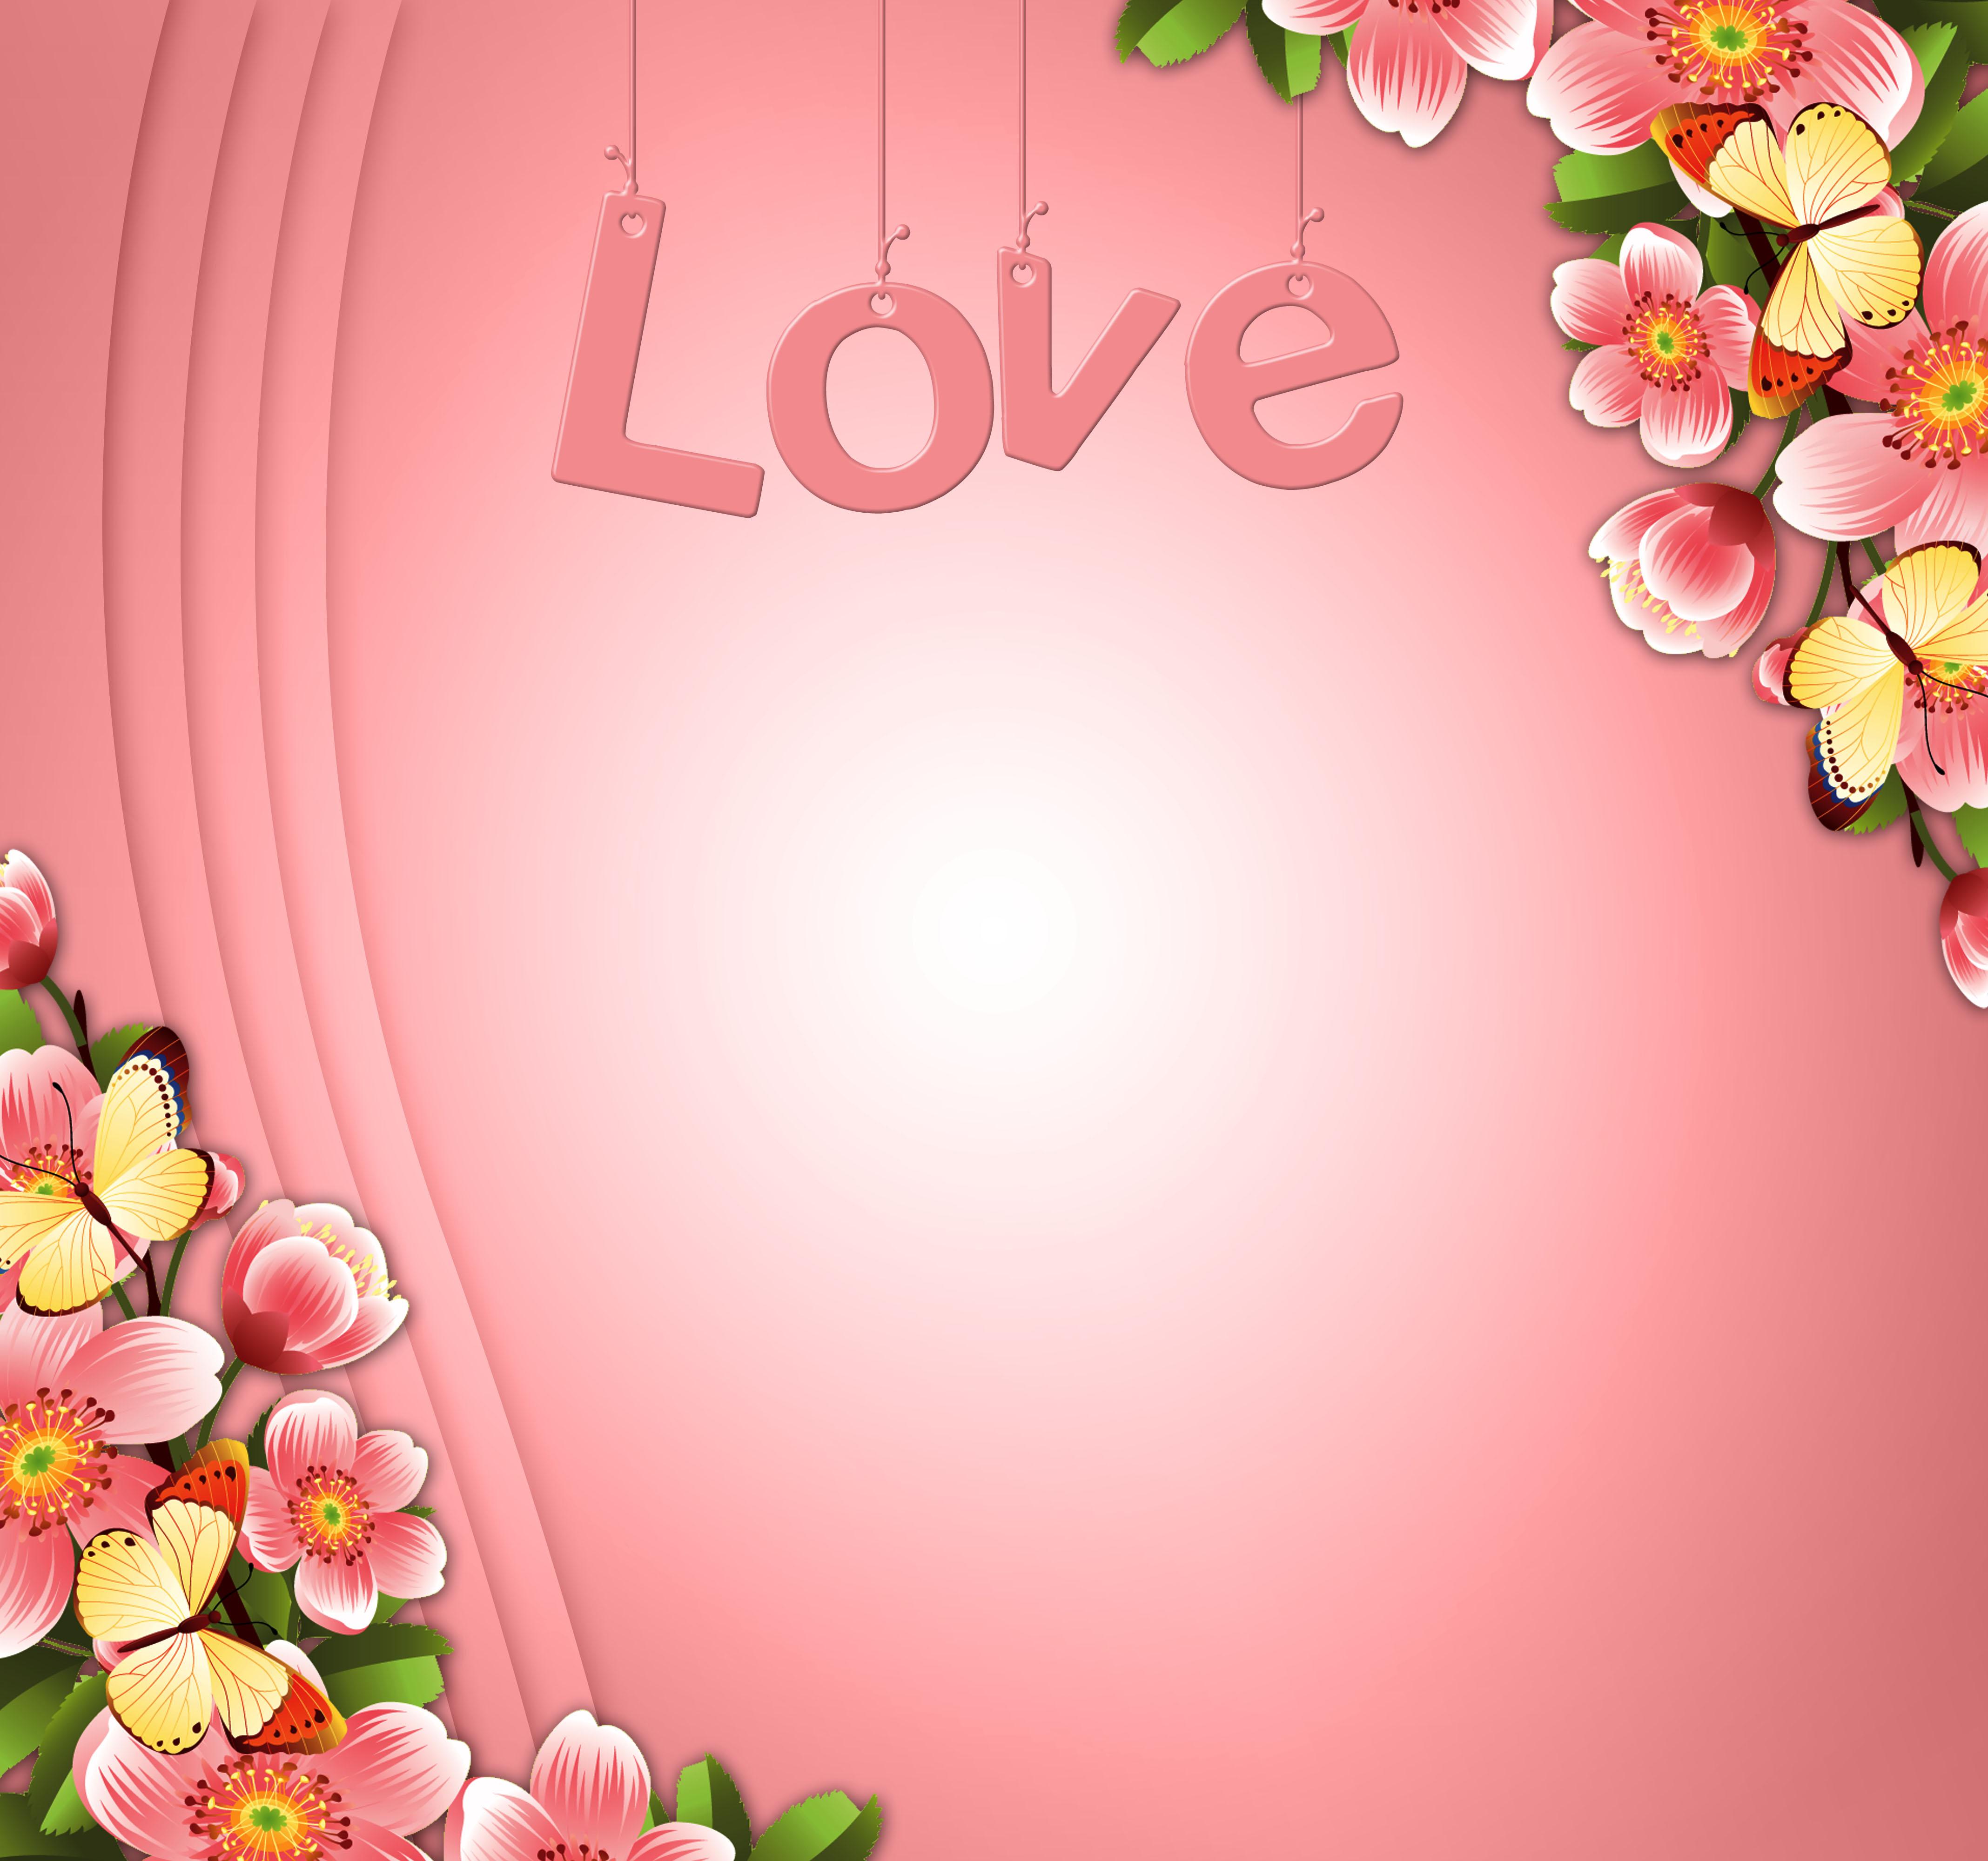 banco de imagens fundo romântico desenhar flor rosa flora